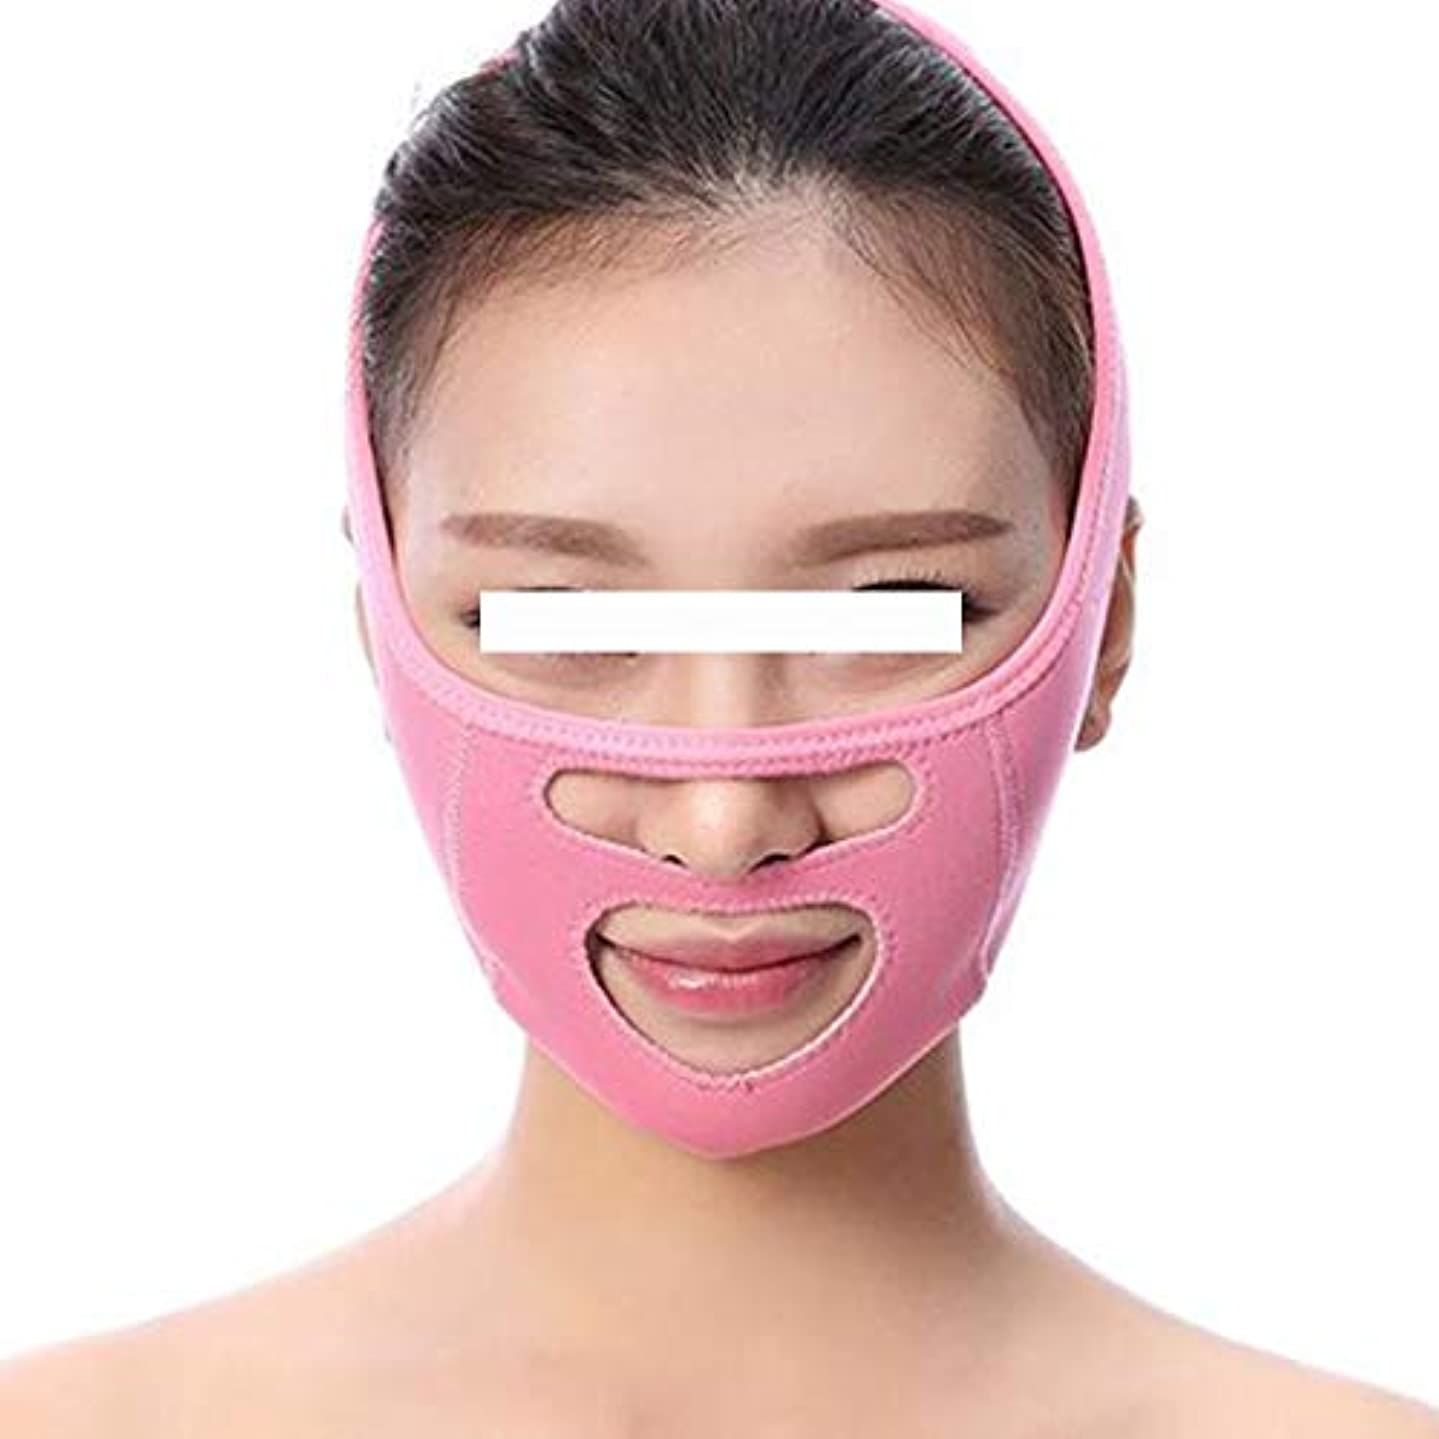 ショートブラジャー申し立てられた人気のVフェイスマスク - 睡眠小顔美容フェイス包帯 - Decreeダブルチンvフェイスに移動